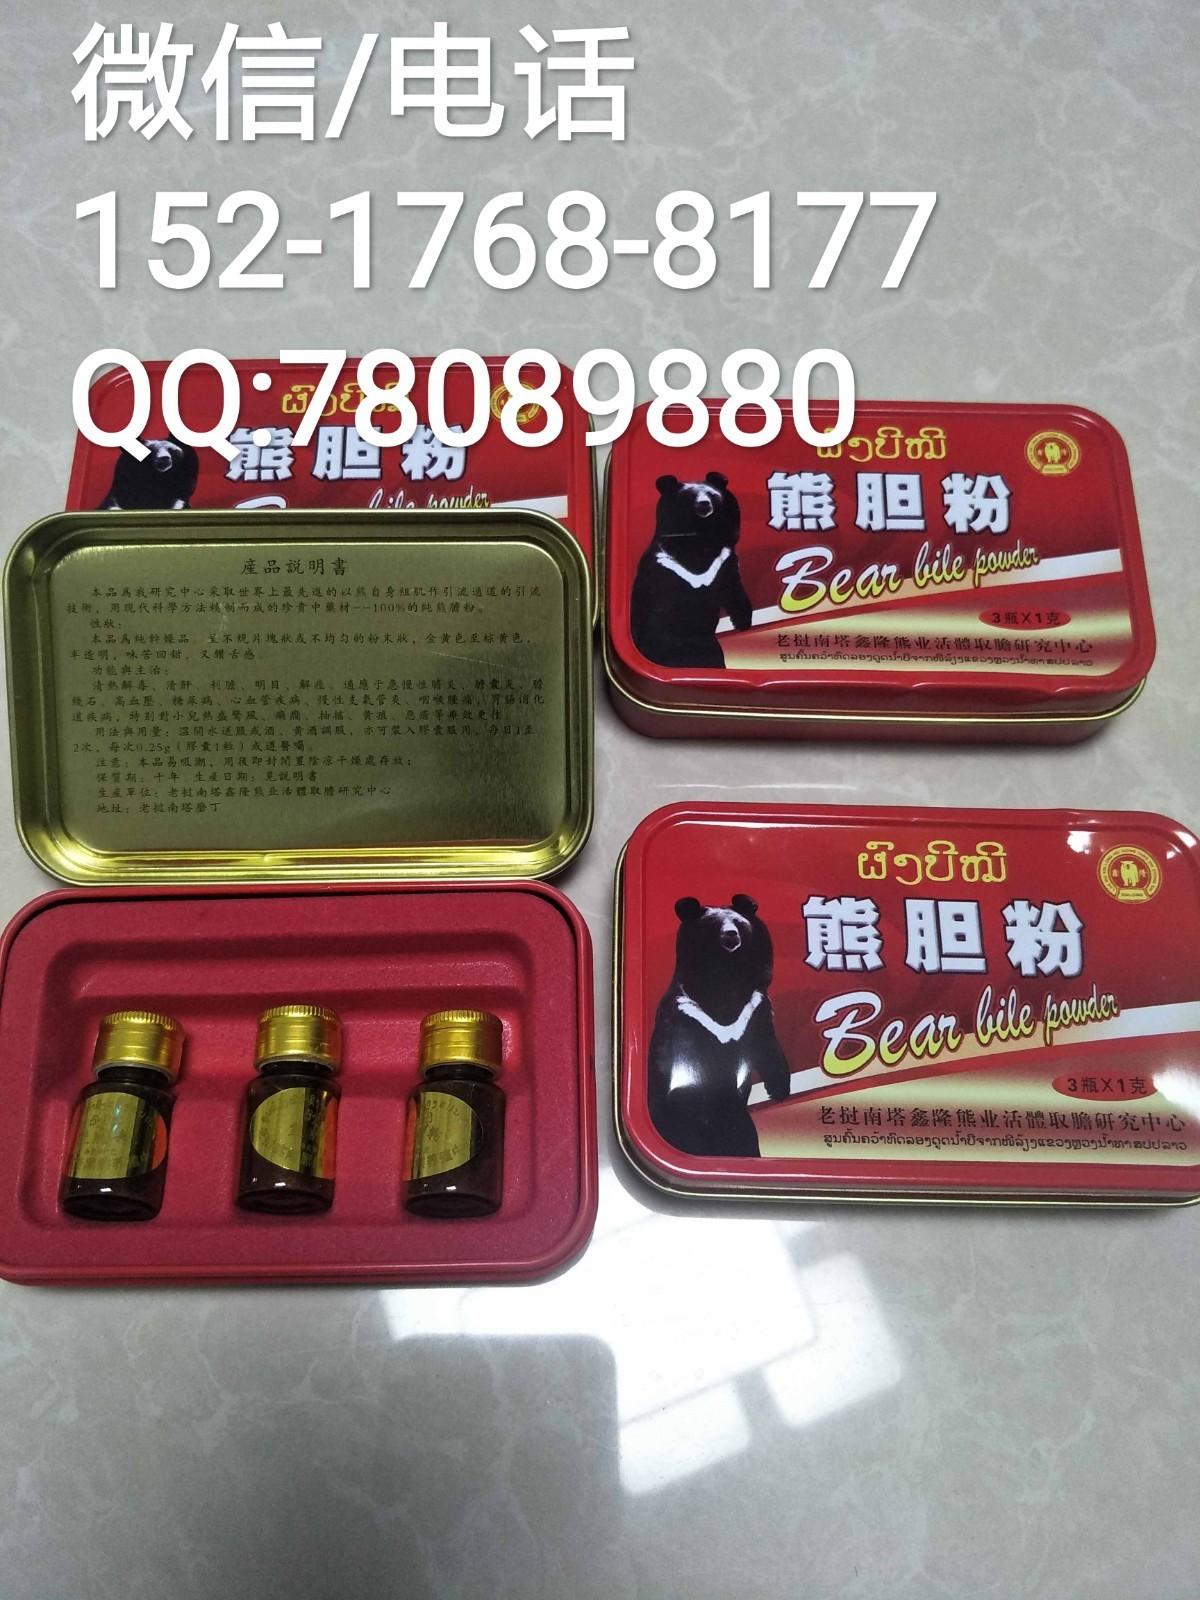 老挝天然熊胆粉价格多少钱一盒